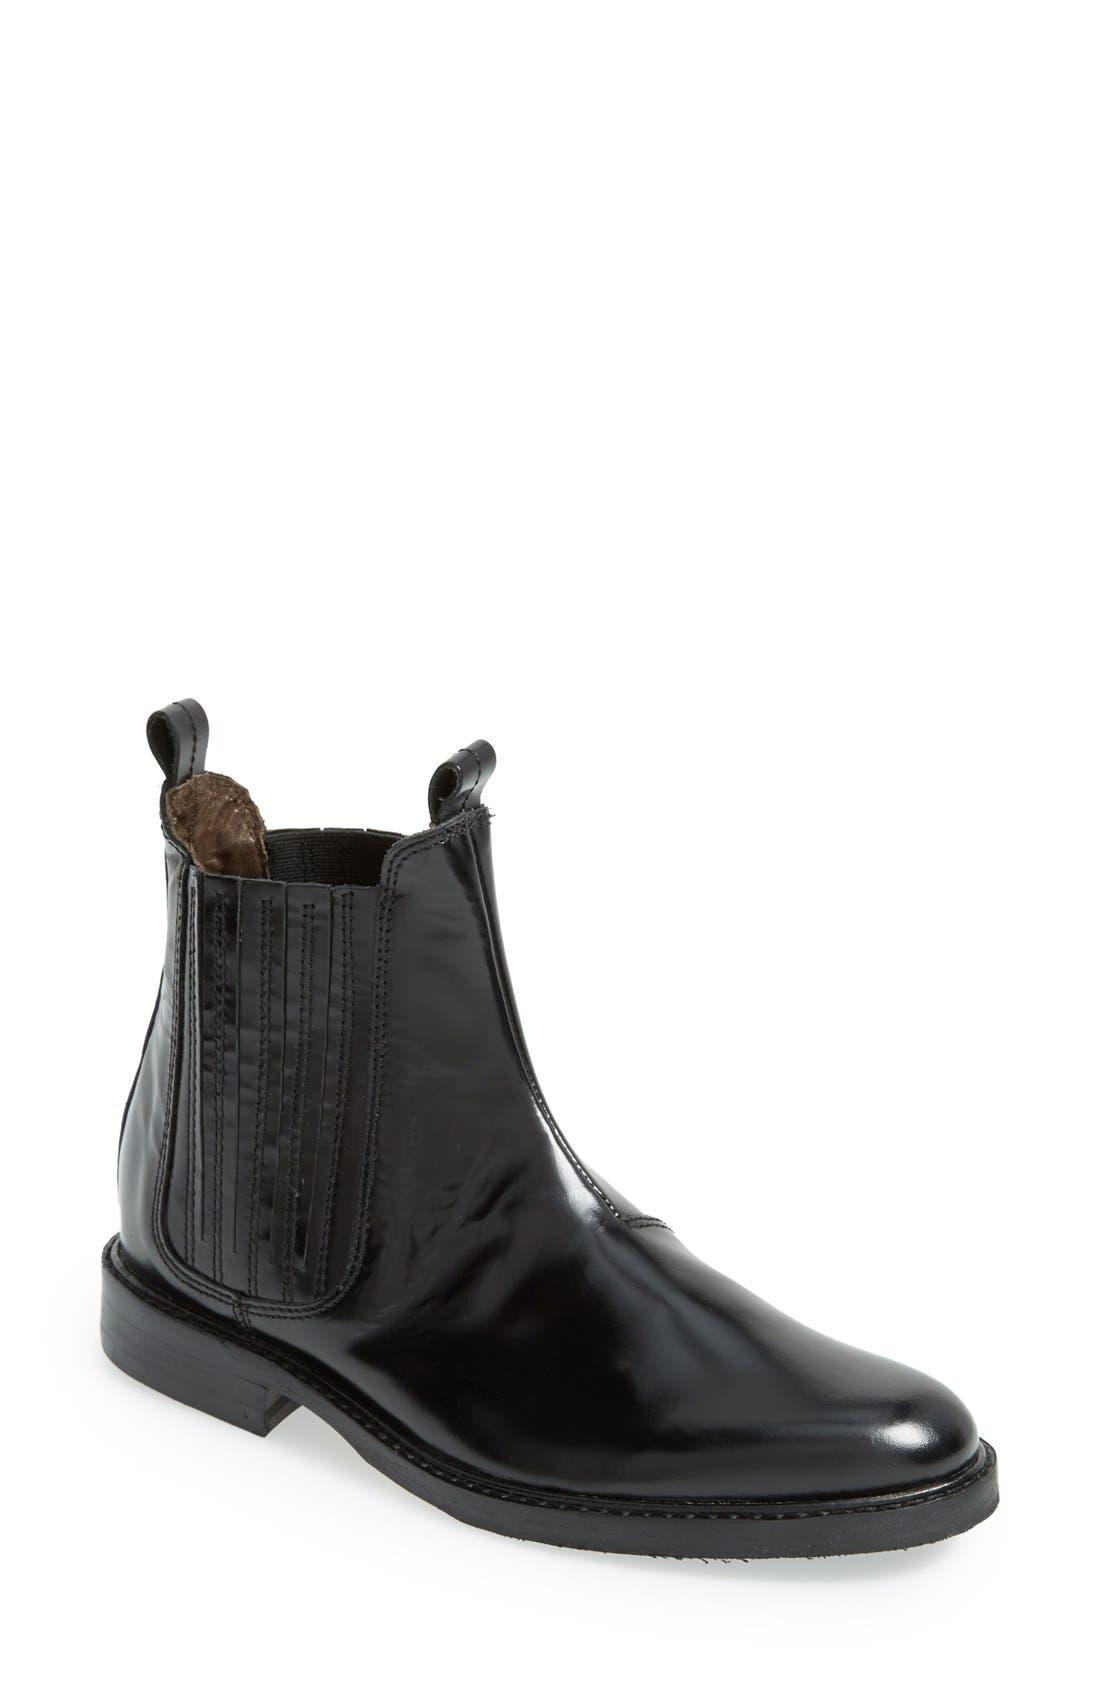 Alternate Image 1 Selected - H by Hudson 'Tafler' Leather Chelsea Boot (Women)